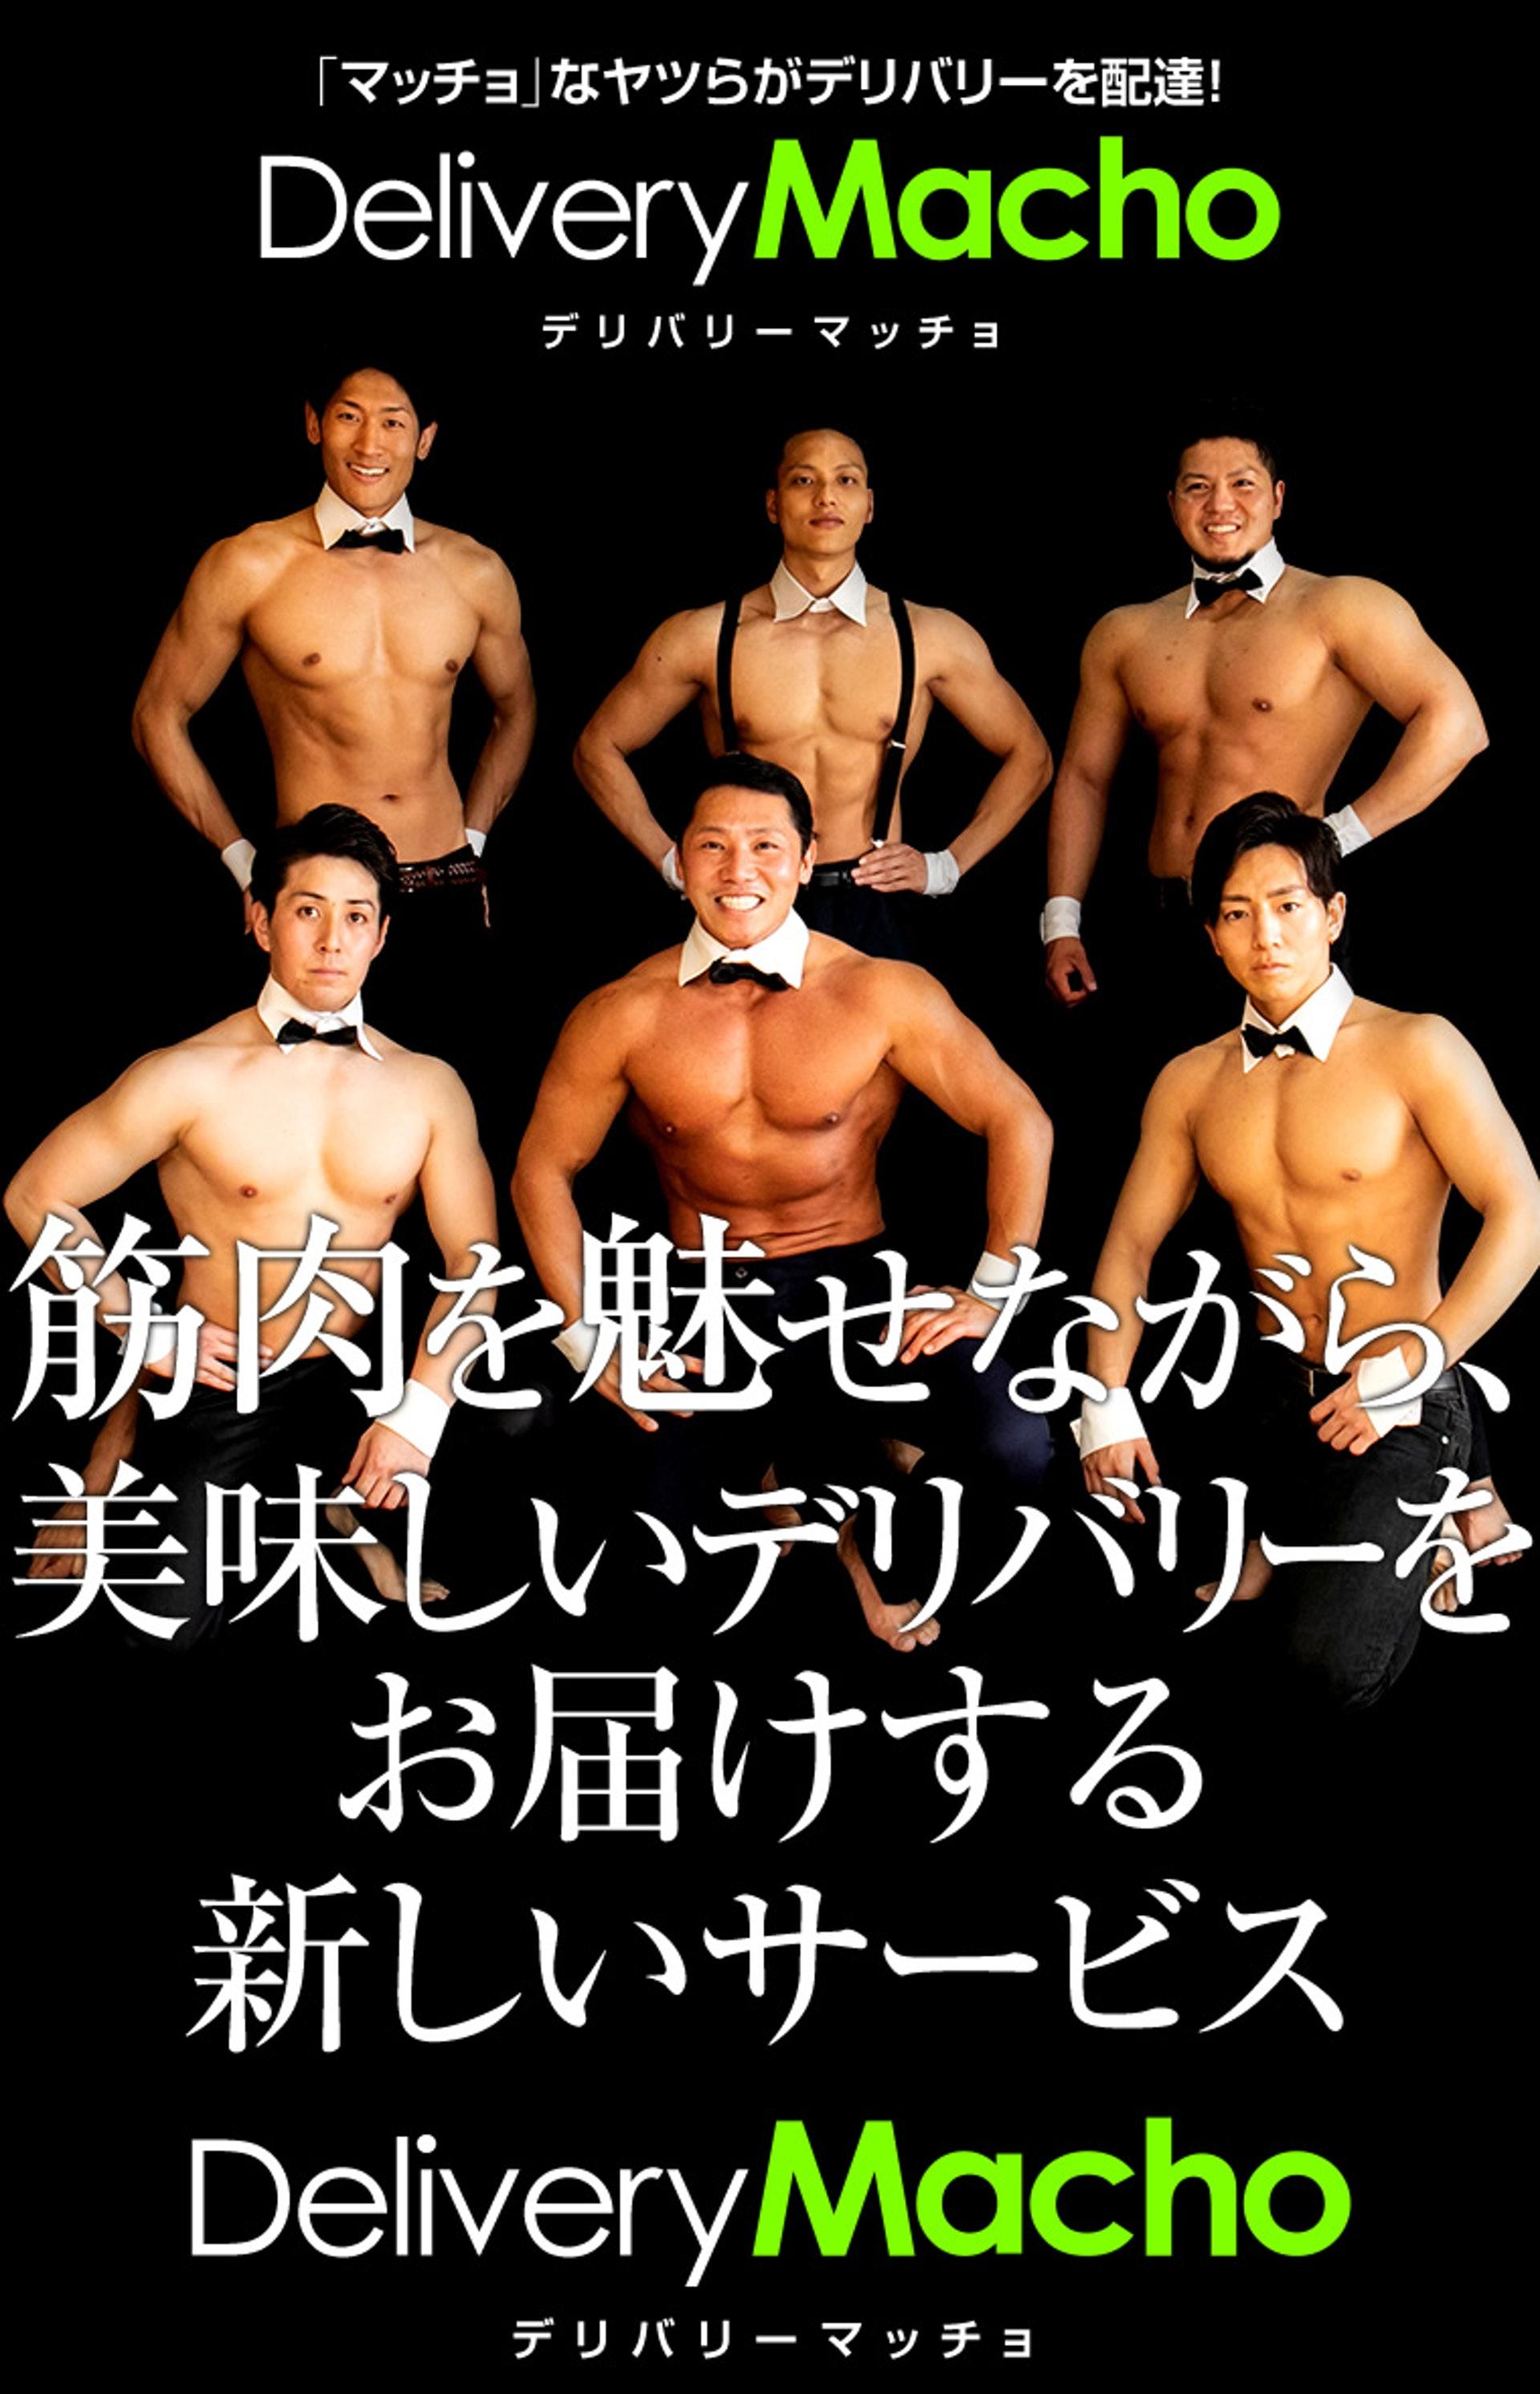 日本這家外送員都是猛男來著!